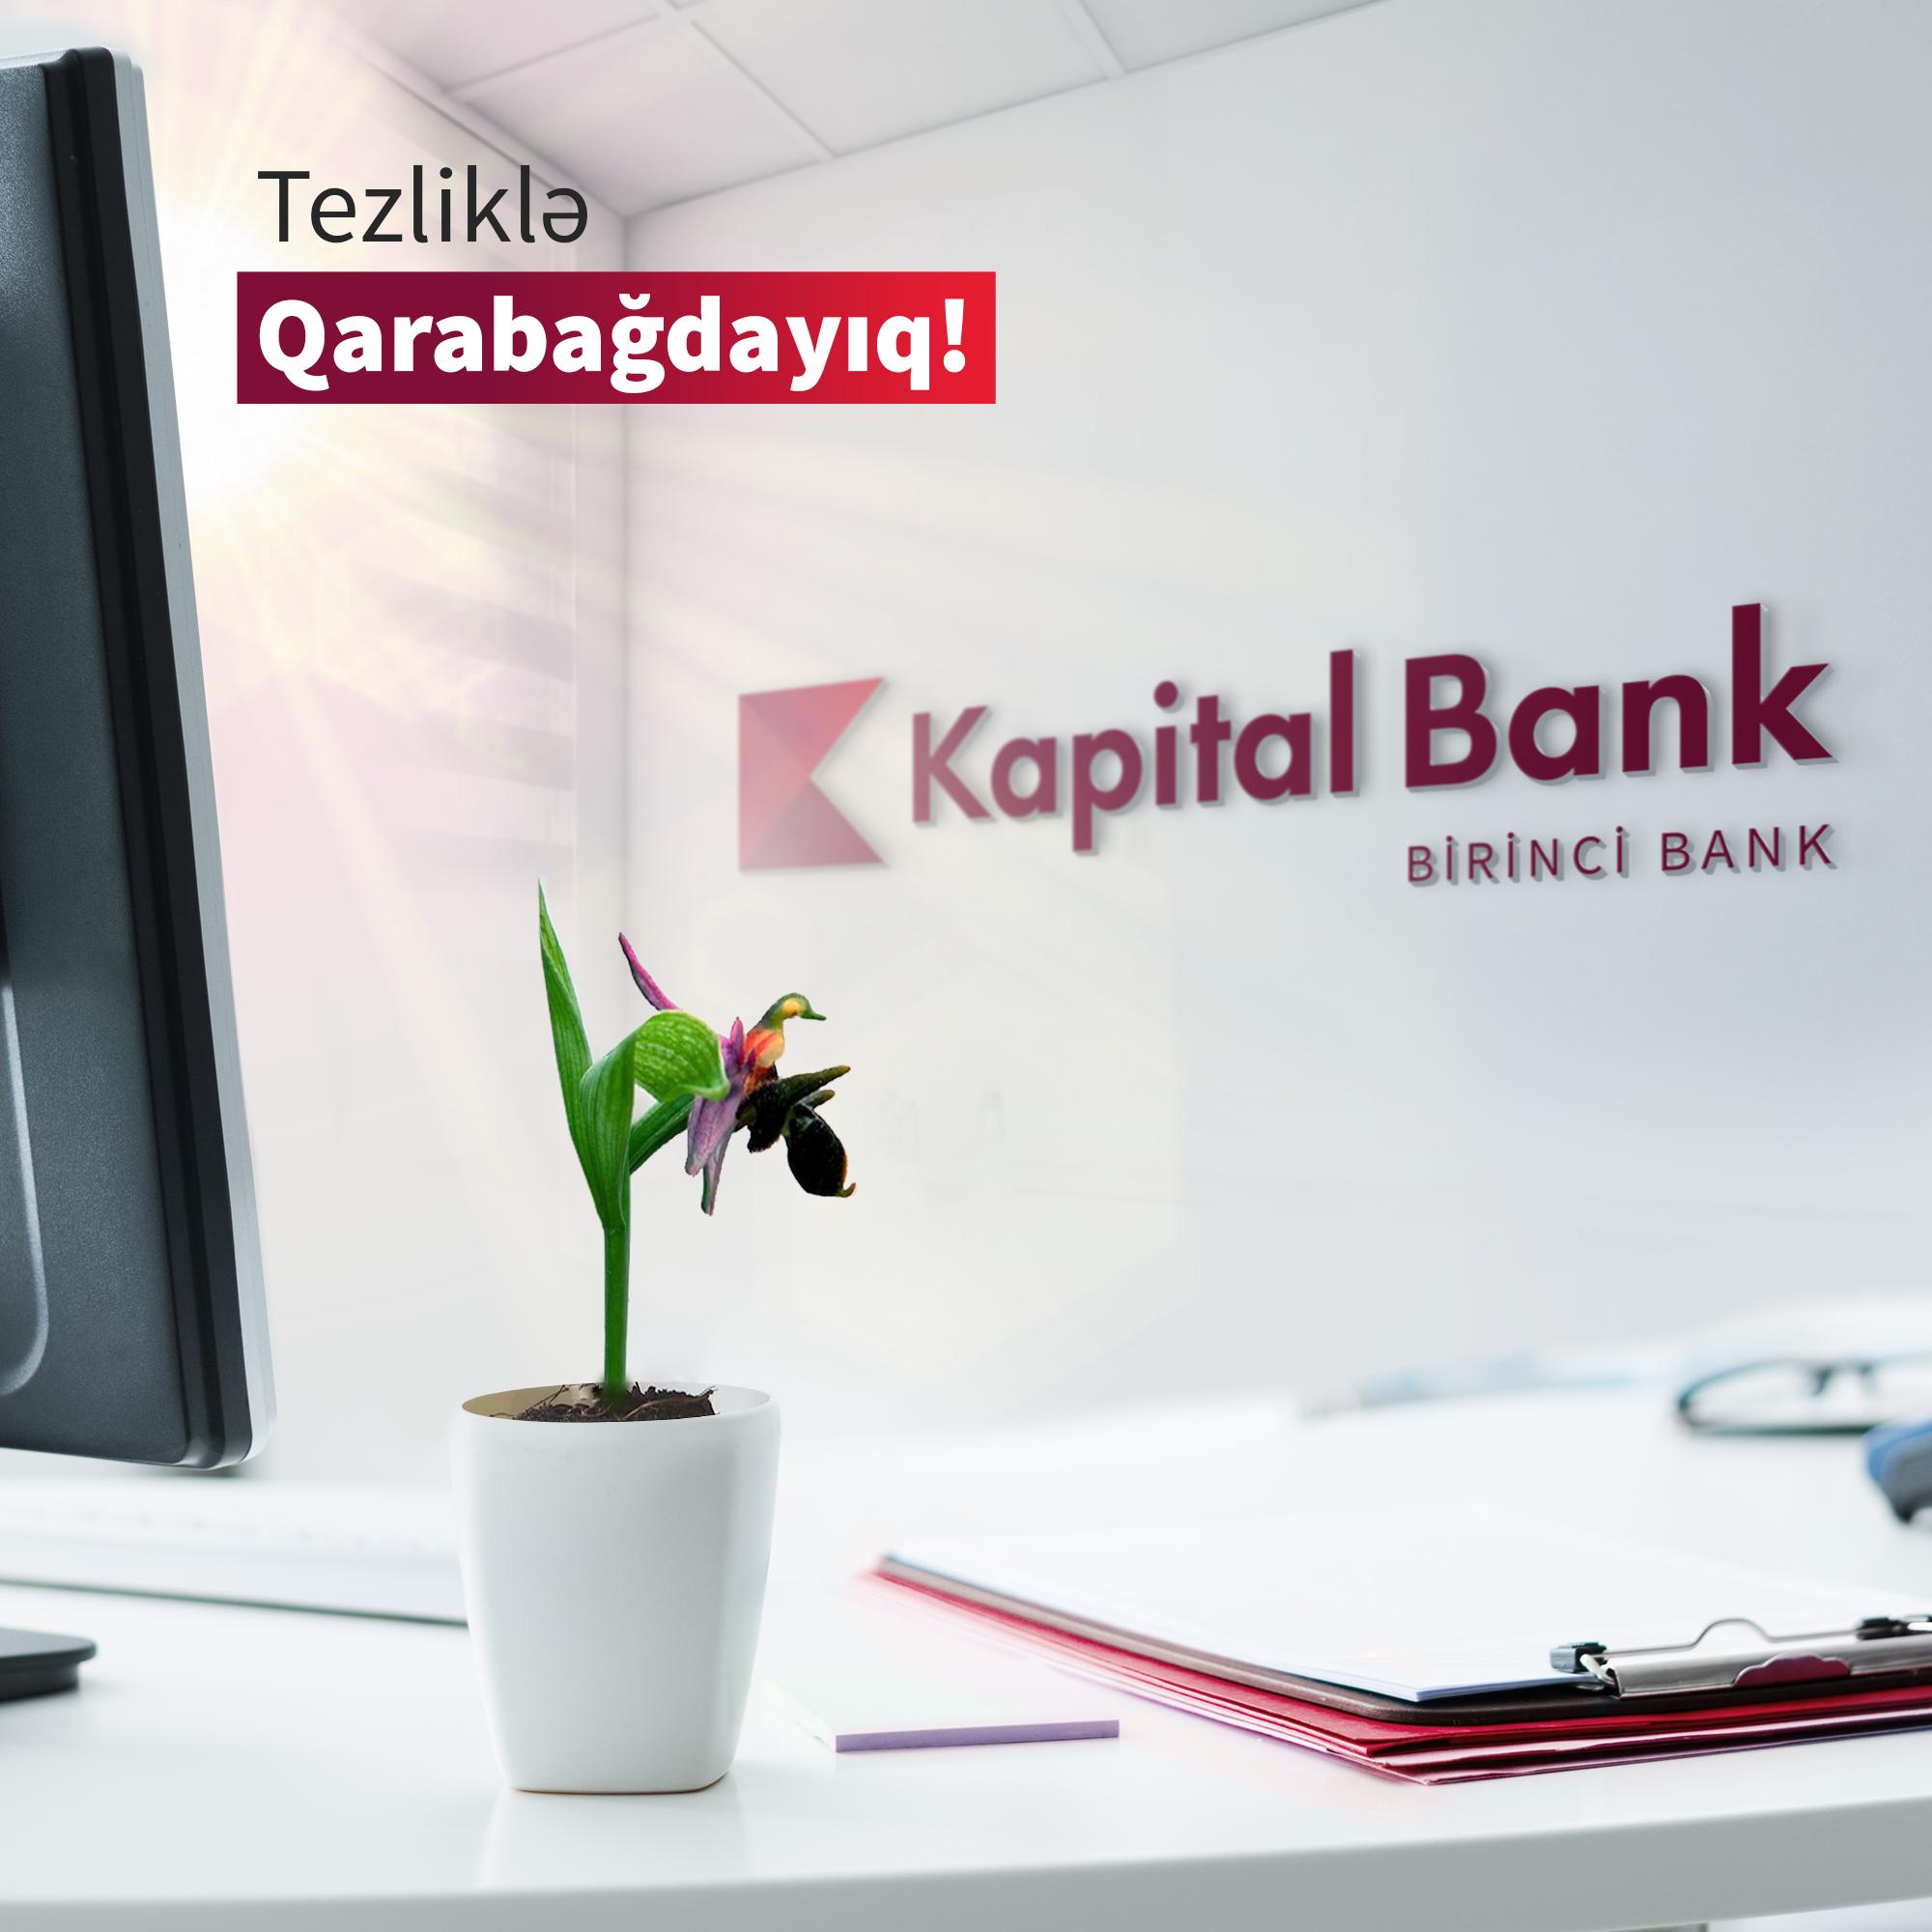 Kapital Bank откроет новые филиалы во всех освобожденных от оккупации районах